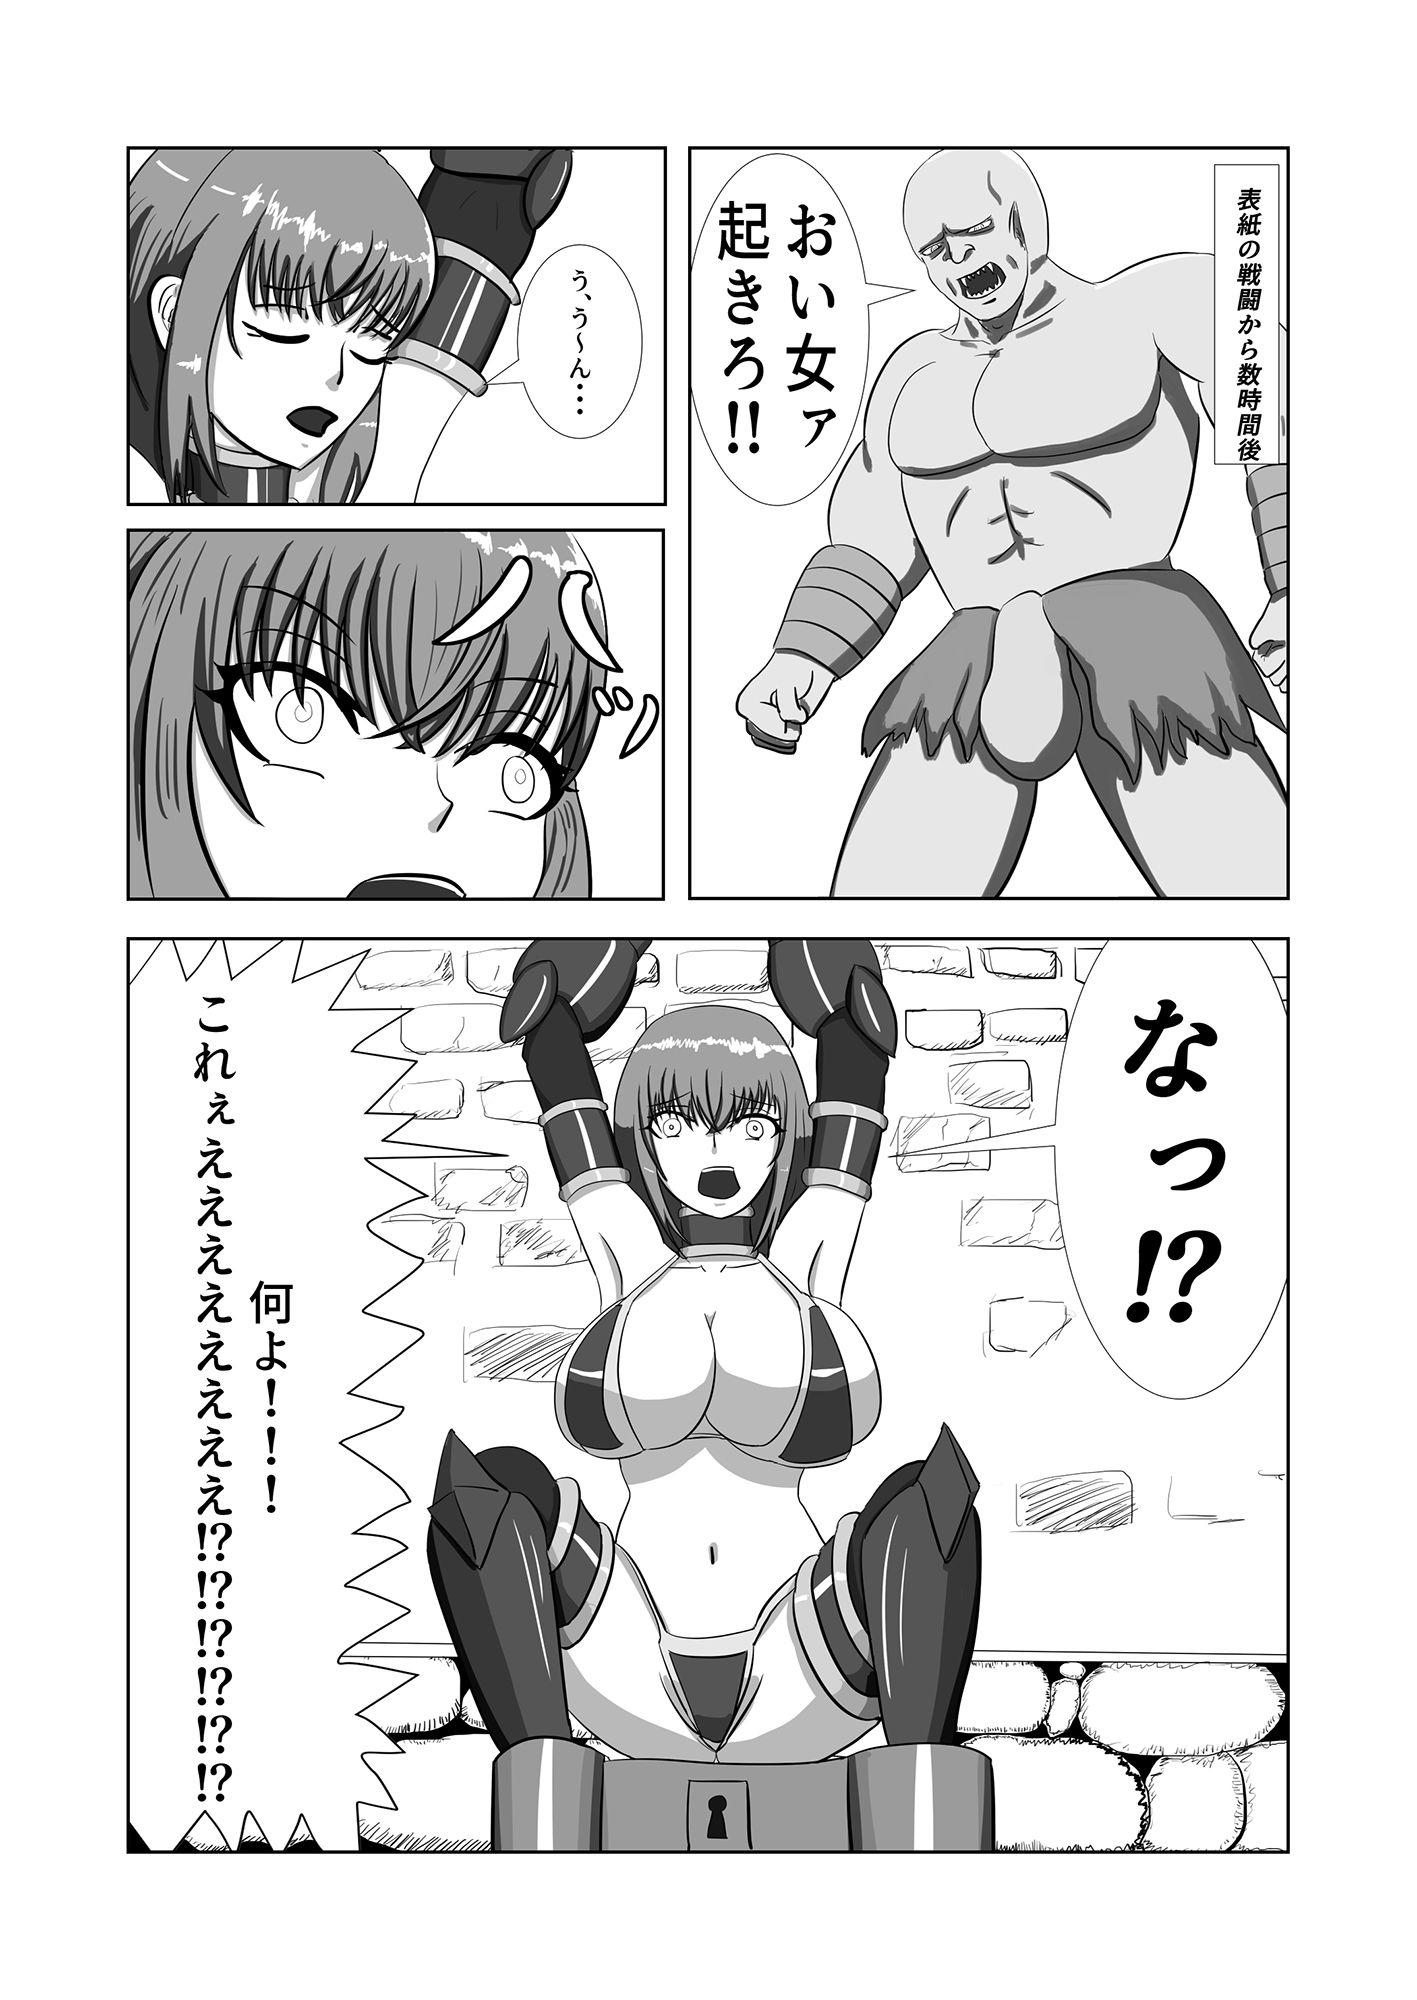 【こねる研究所 同人】女戦士VSオーク女戦士敗北屈辱の種付け陵辱!!!!